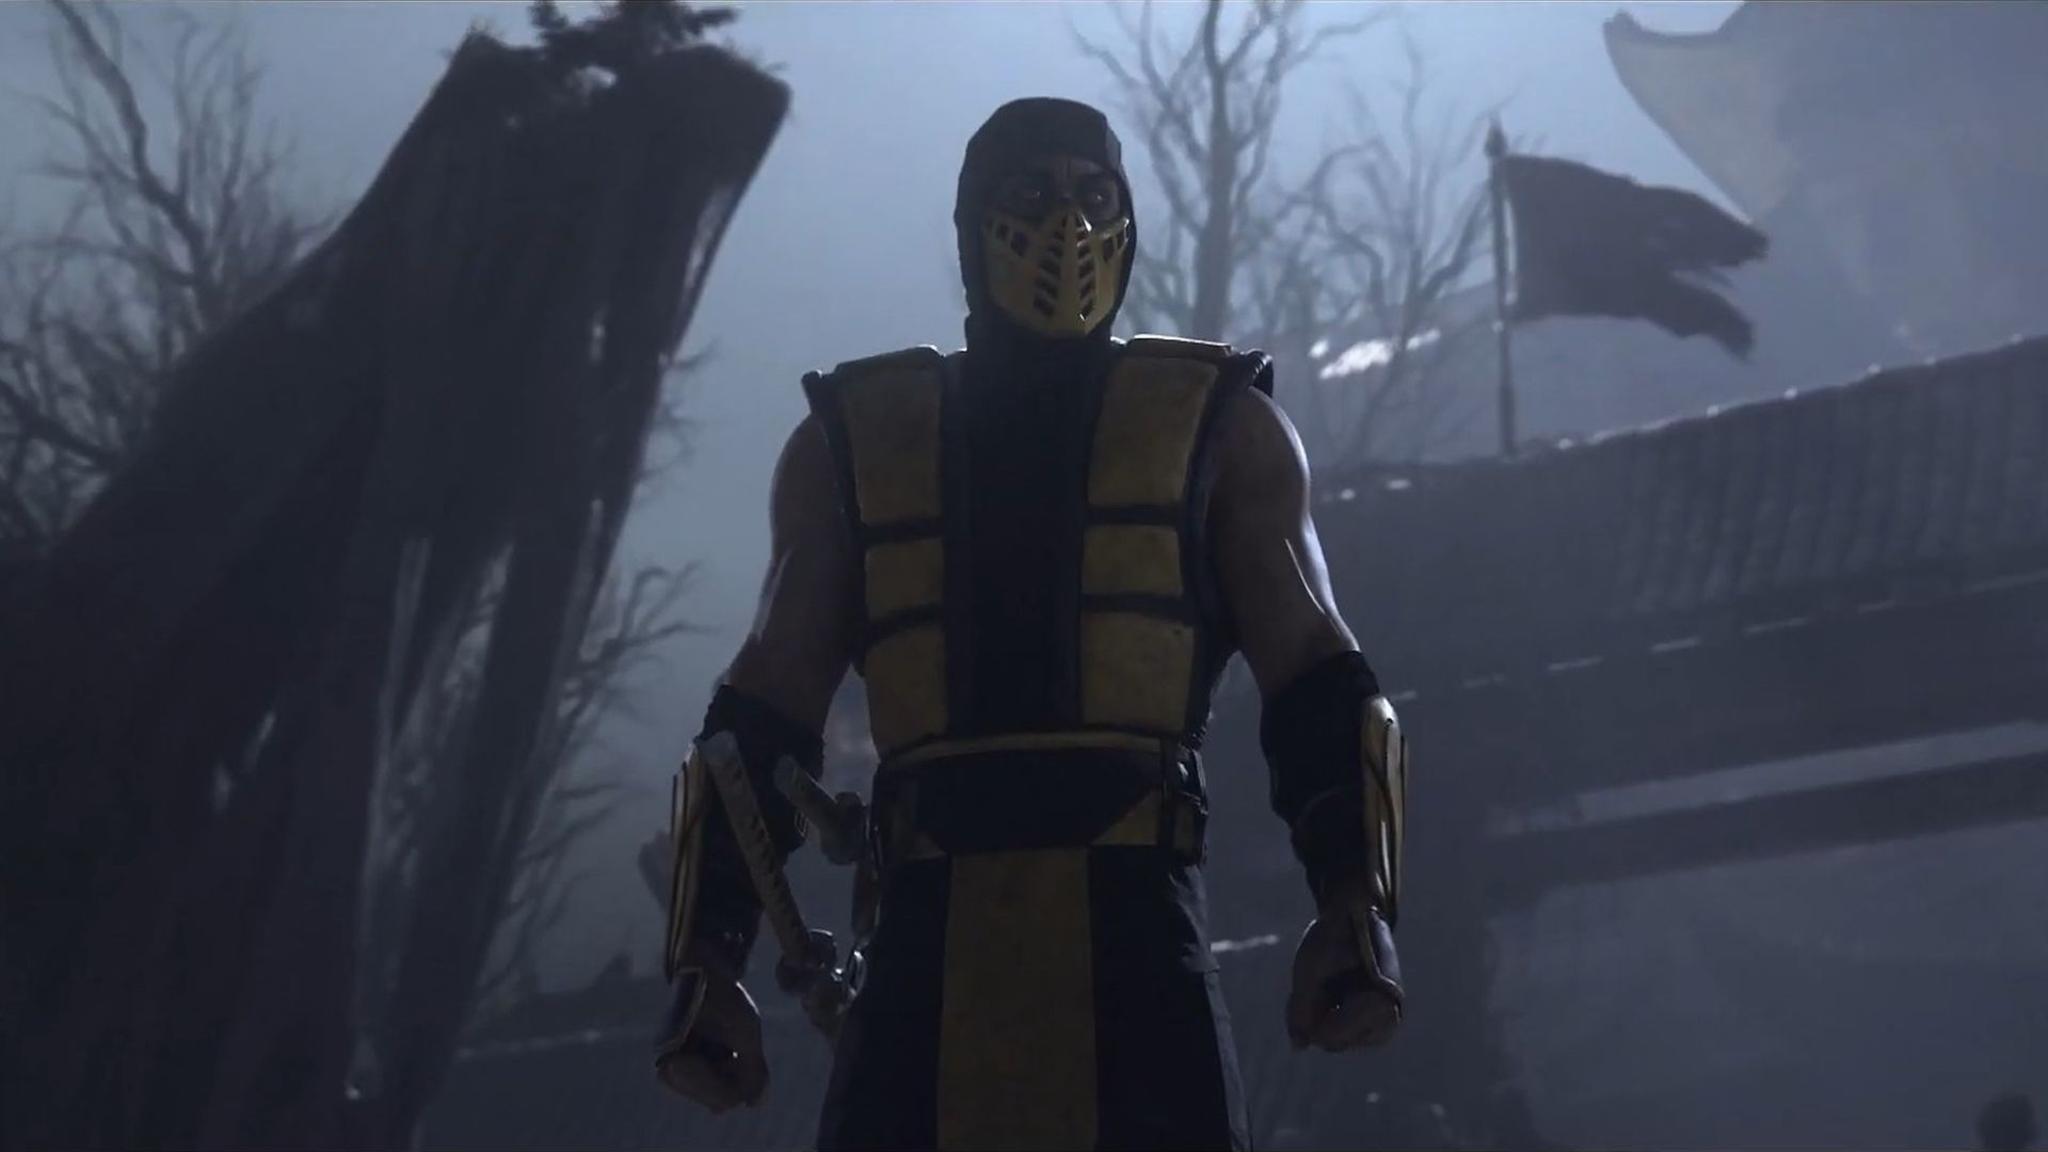 """Gelb, grimmig, gammelig: So kennen und lieben wir Scorpion aus """"Mortal Kombat""""."""